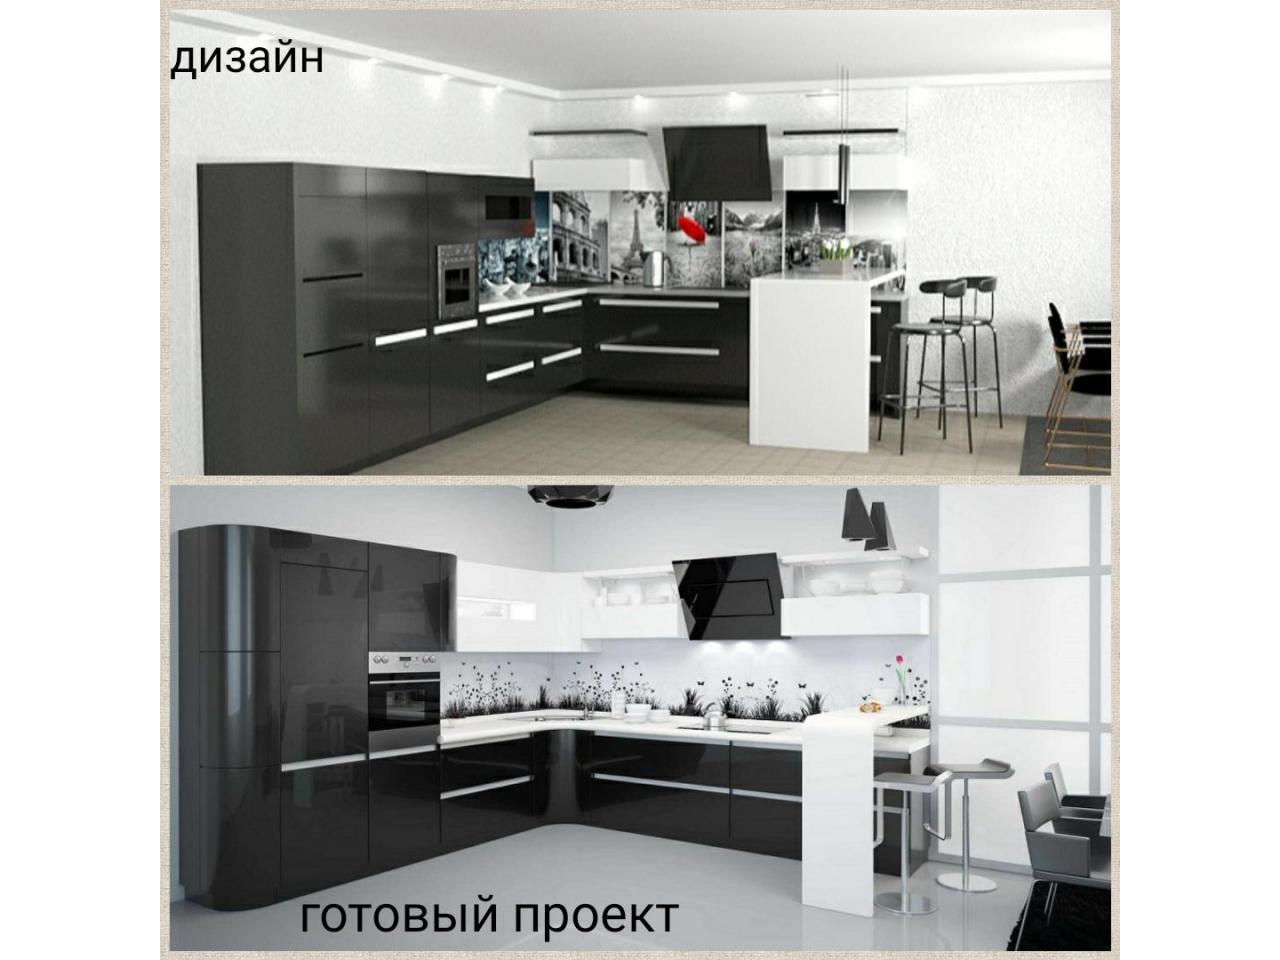 Дизайн и визуализация интерьера - 1